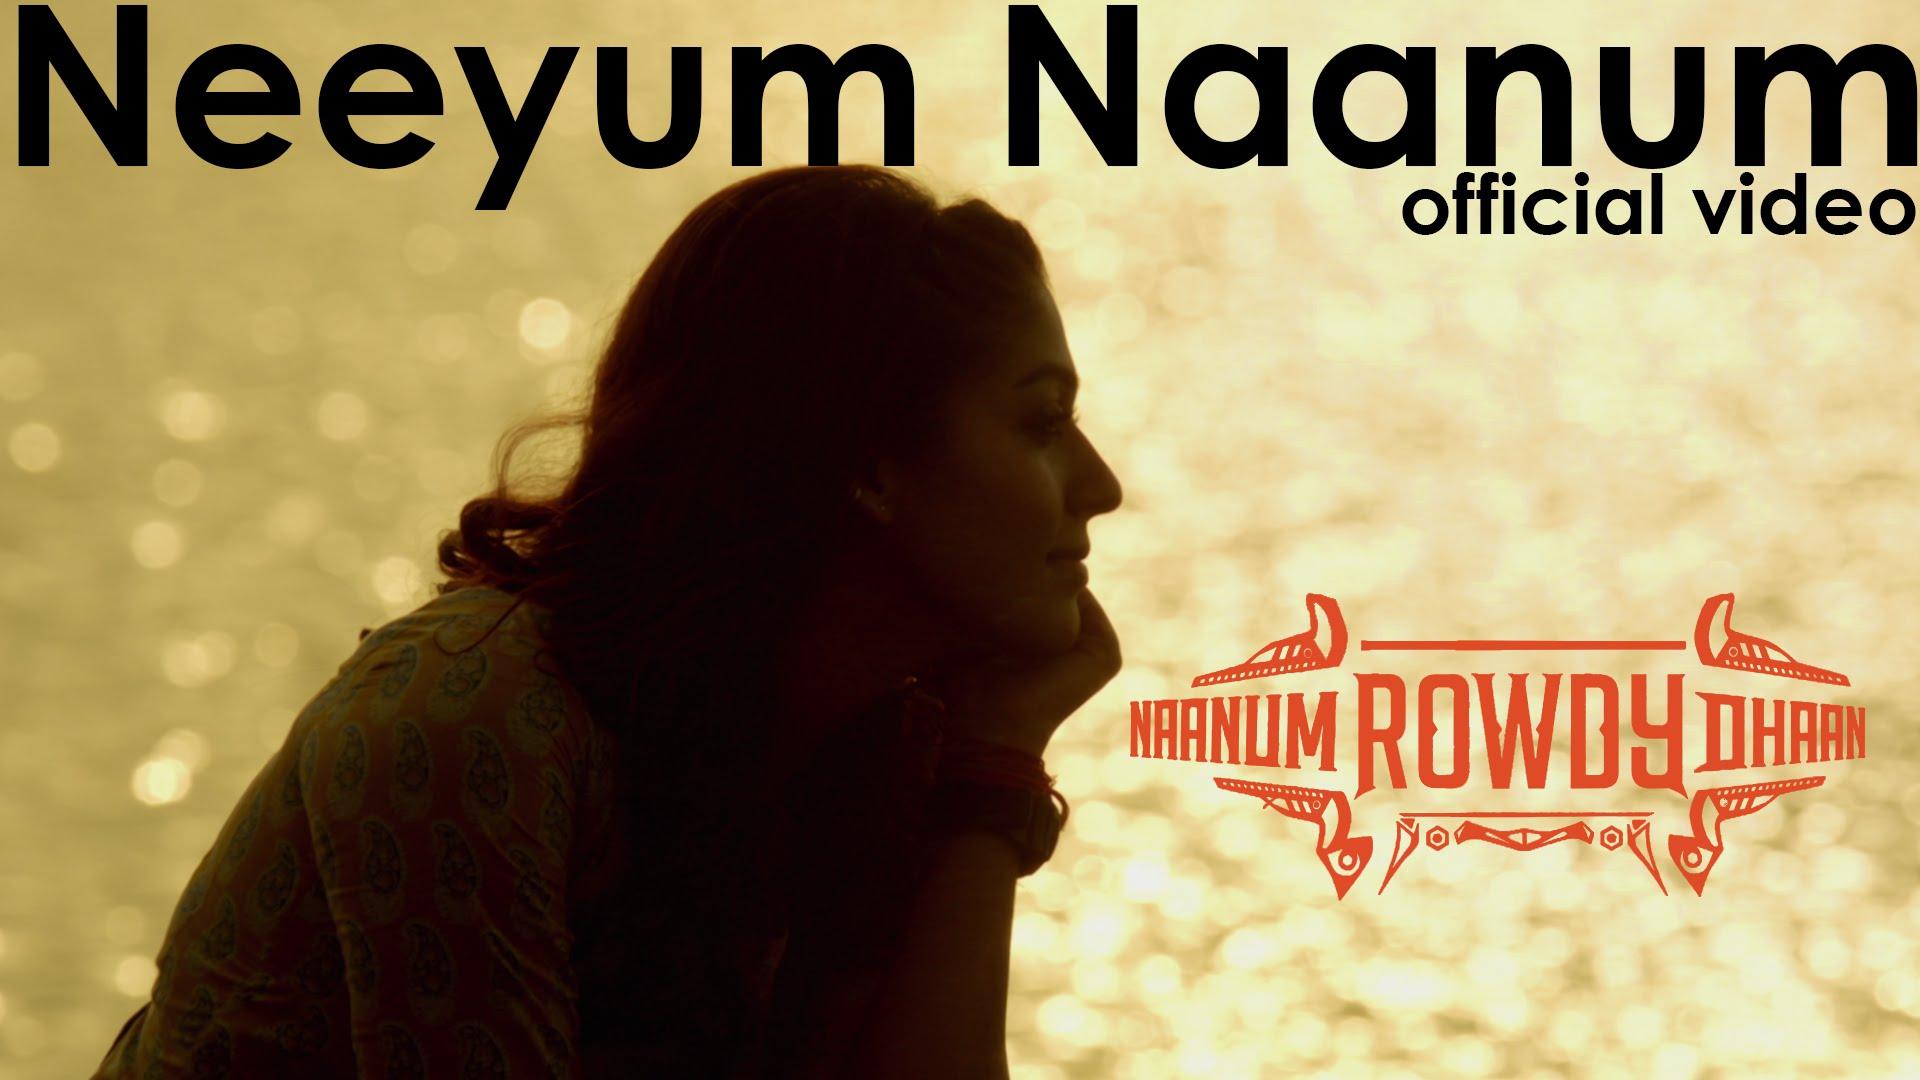 Naanum Rowdy Dhaan – Neeyum Naanum | Official Video | Vijay Sethupathi, Nayanthara | Anirudh